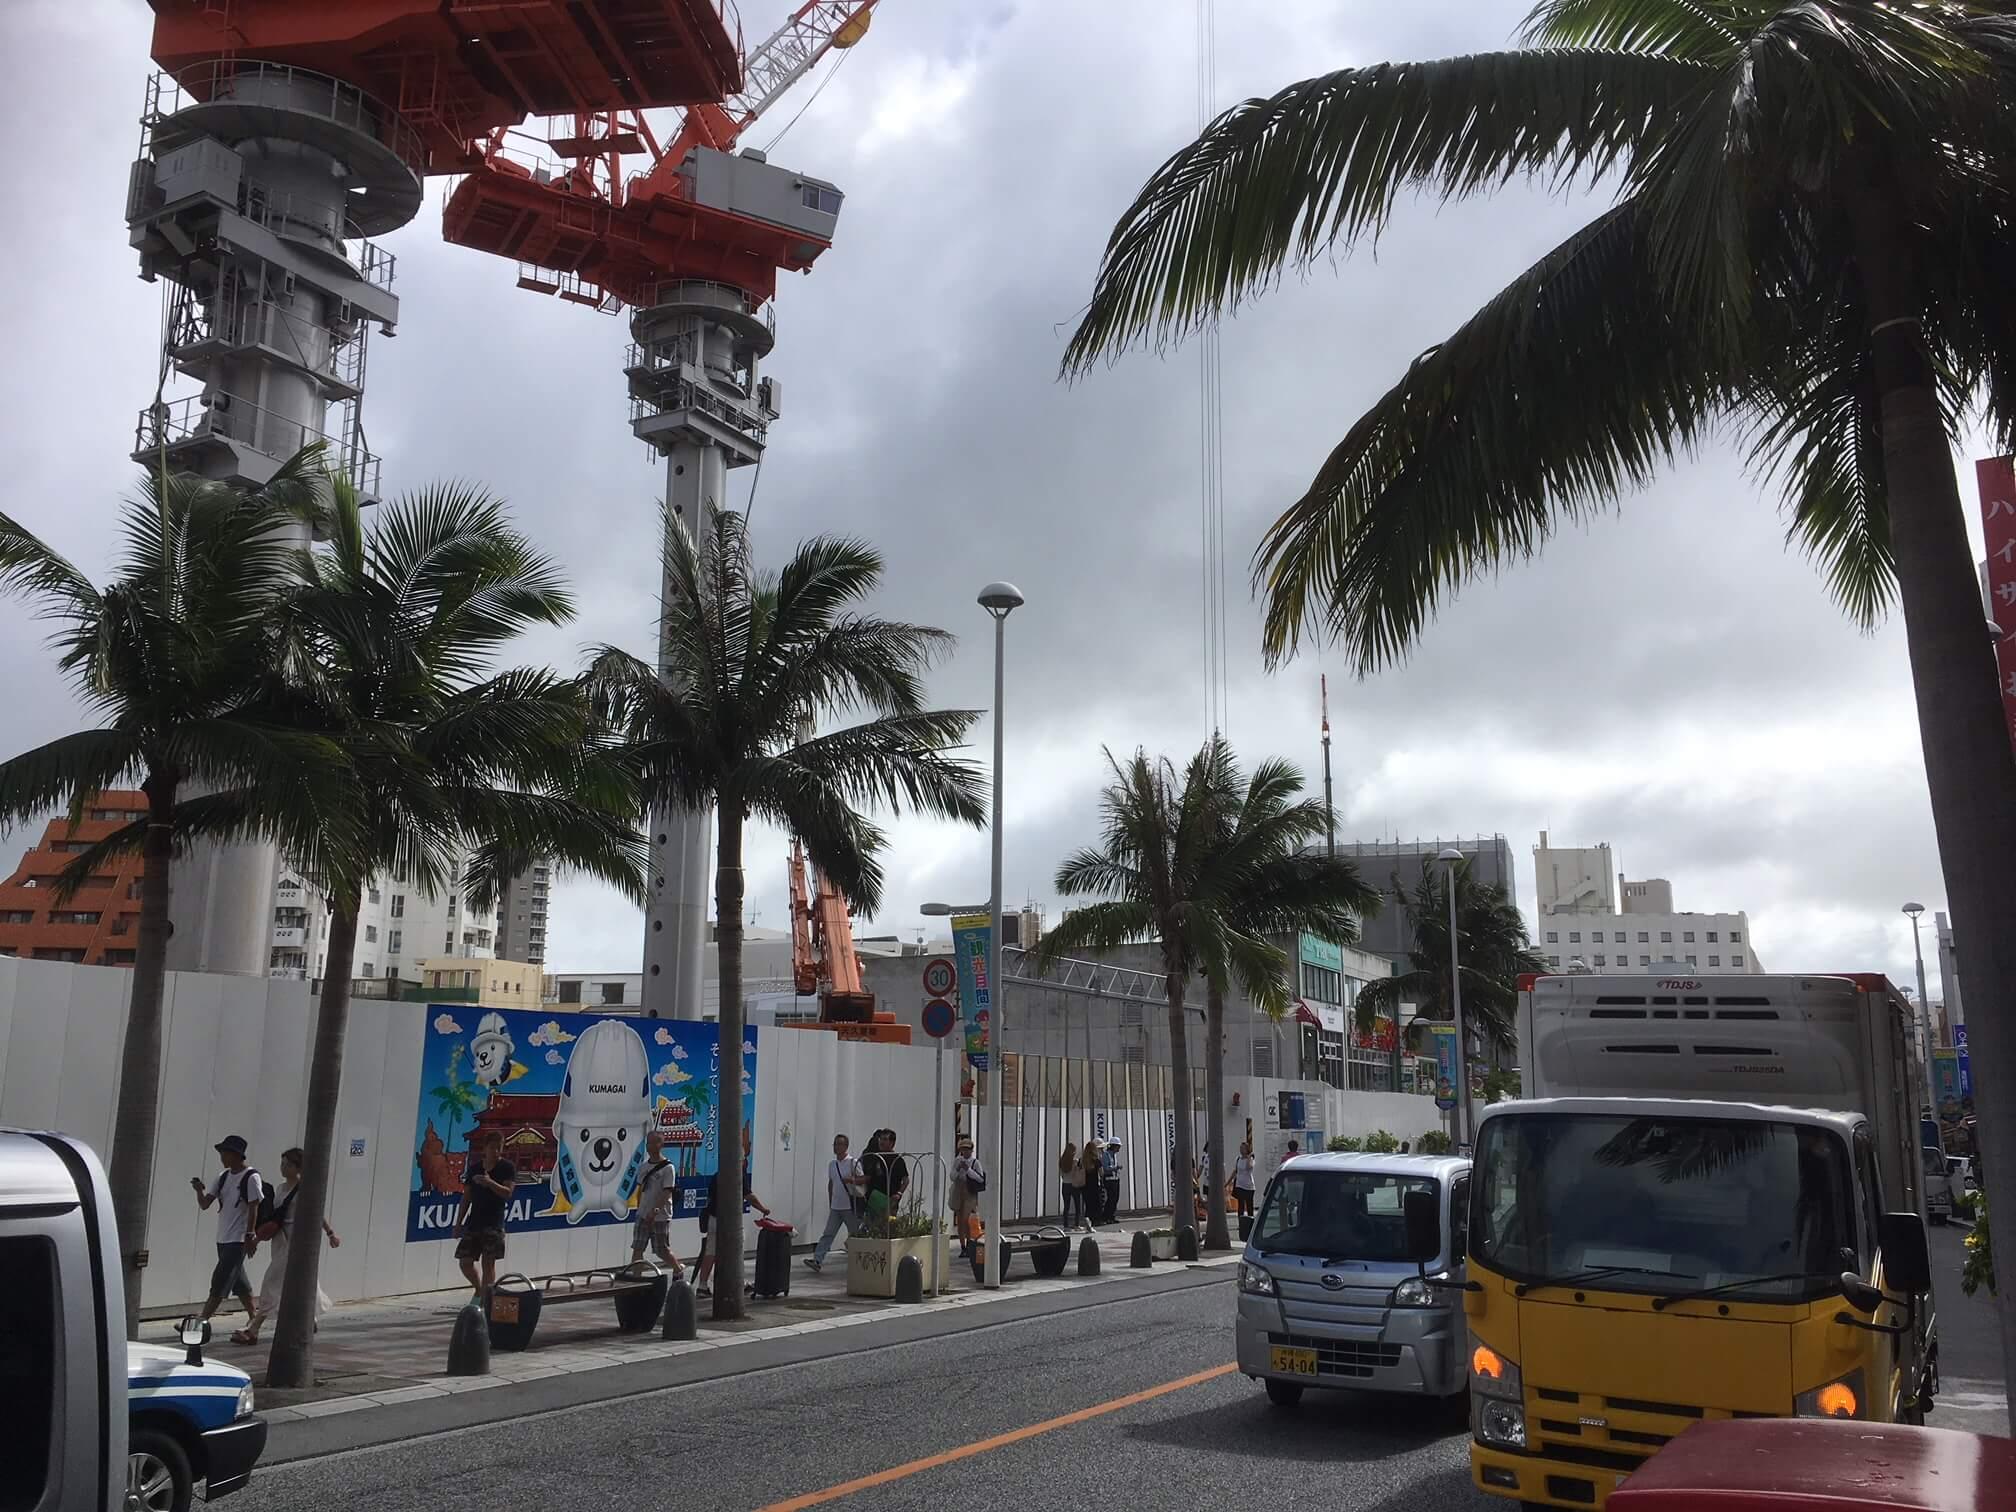 那覇市国際通り周辺に新築ホテル乱立!という噂を聞きつけたので、現地を練り歩いて調べた結果を報告!(2019年8月更新)